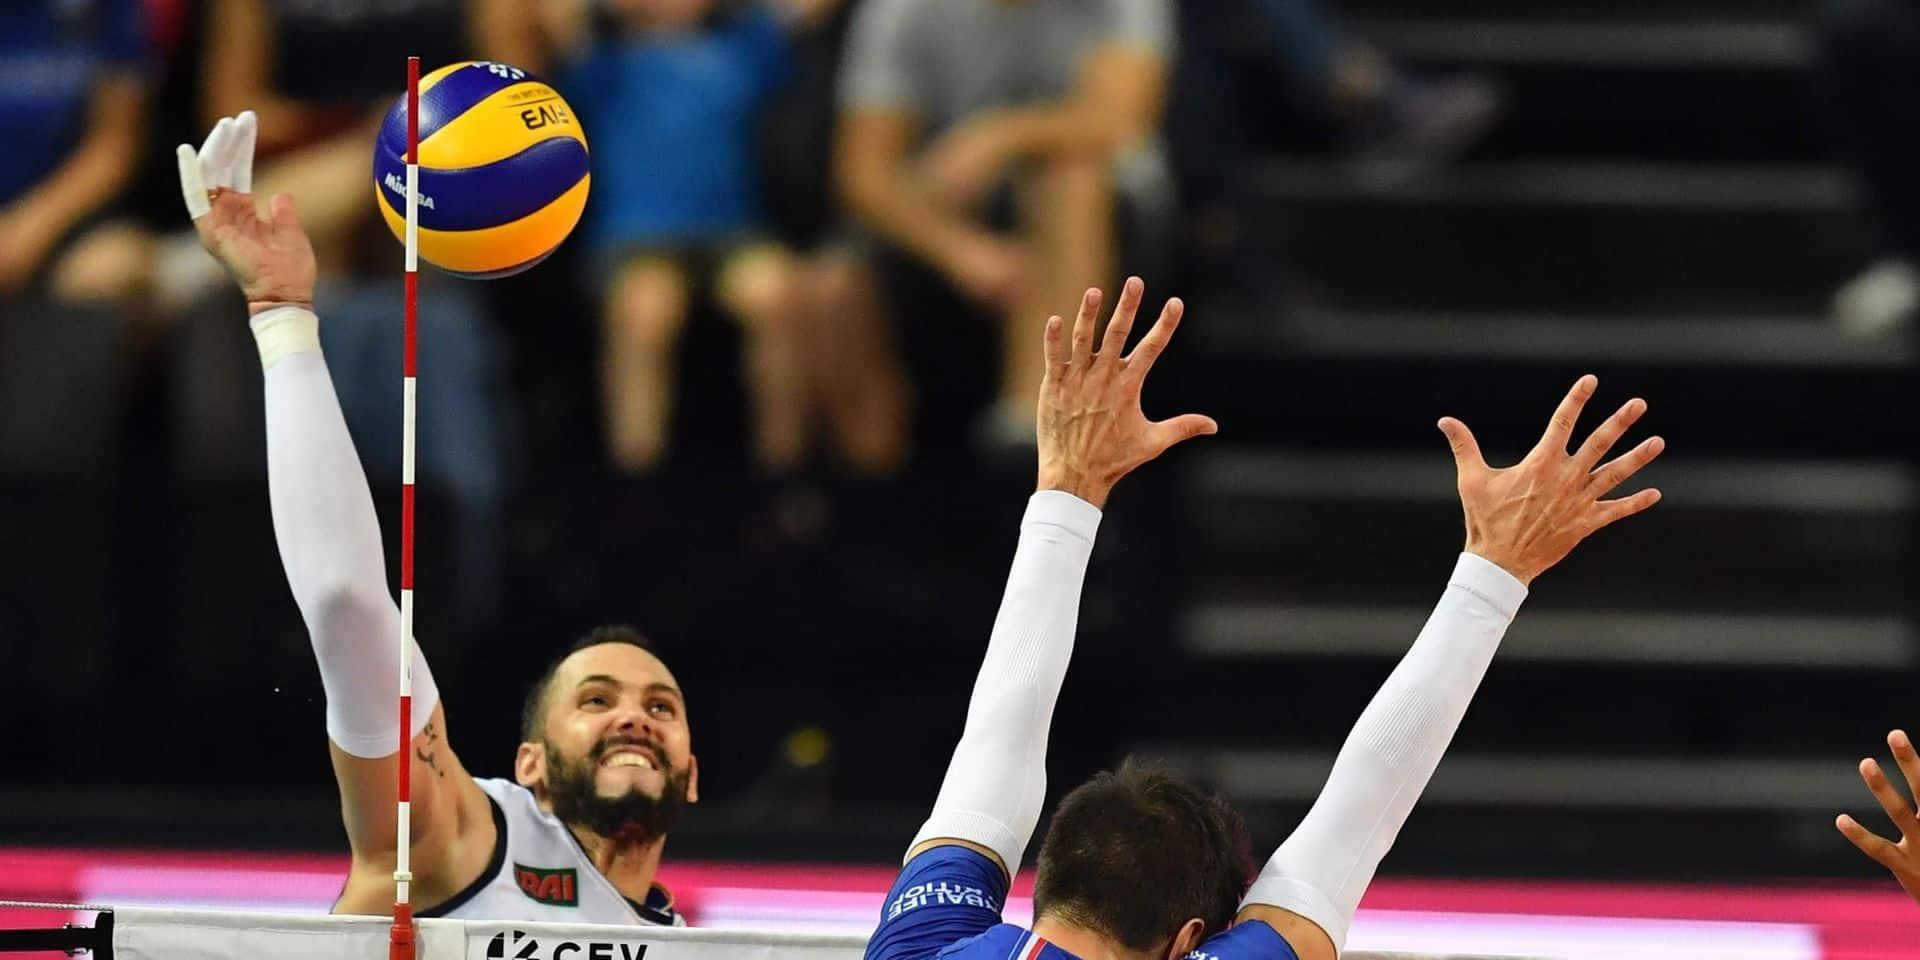 Euro de volley: l'Italie bat la Turquie et complète le tableau des quarts de finale